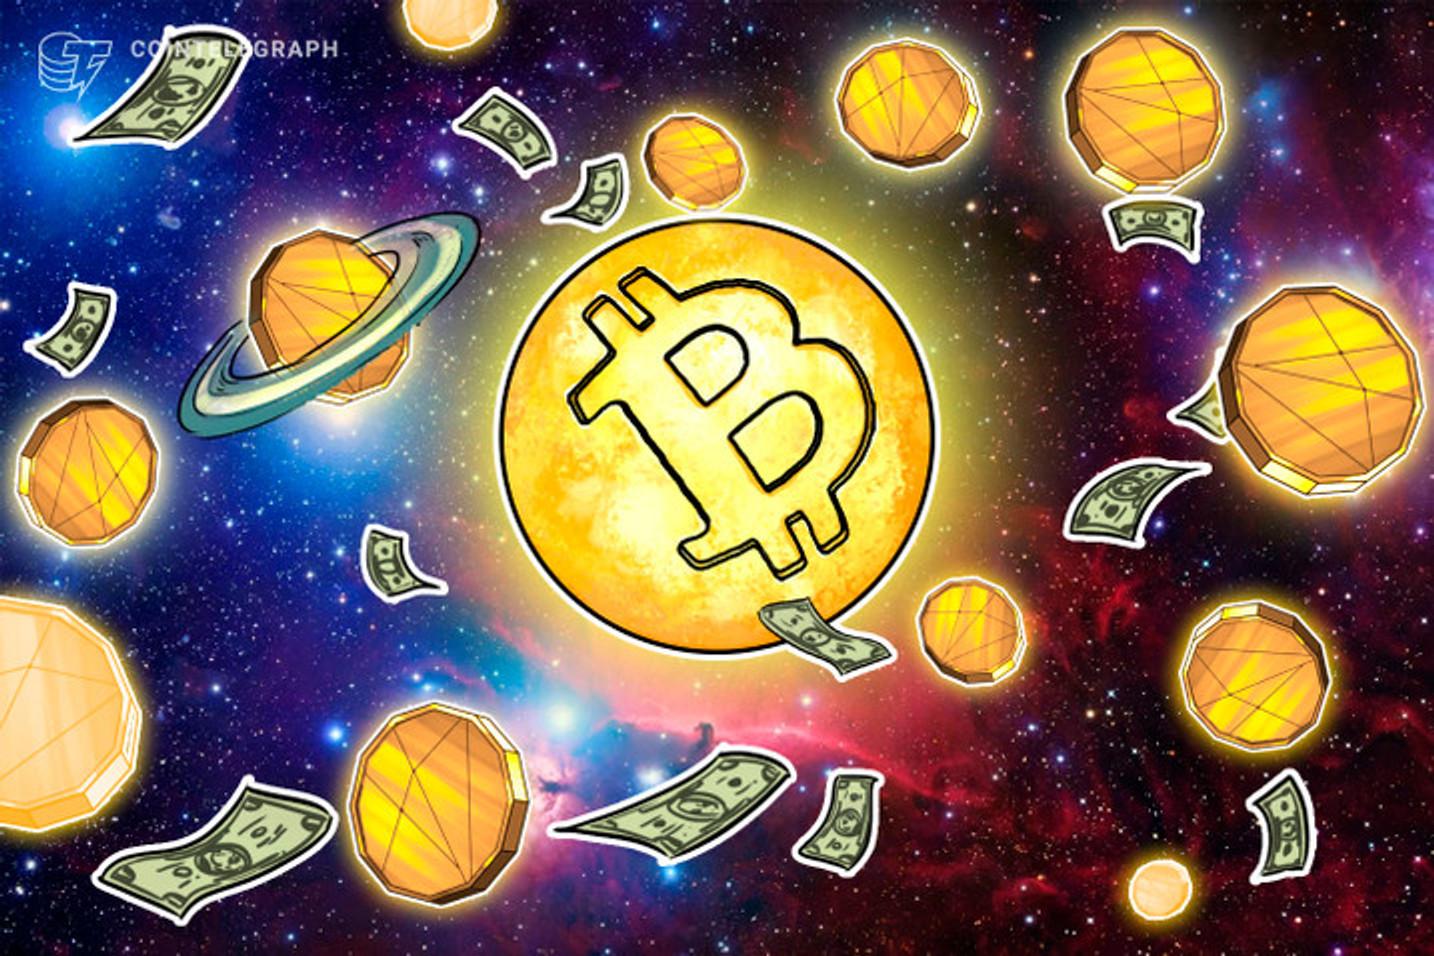 Maconha, psicodélicos e Bitcoin: Bilionário alemão conta como ficou rico investindo em suas 'paixões'